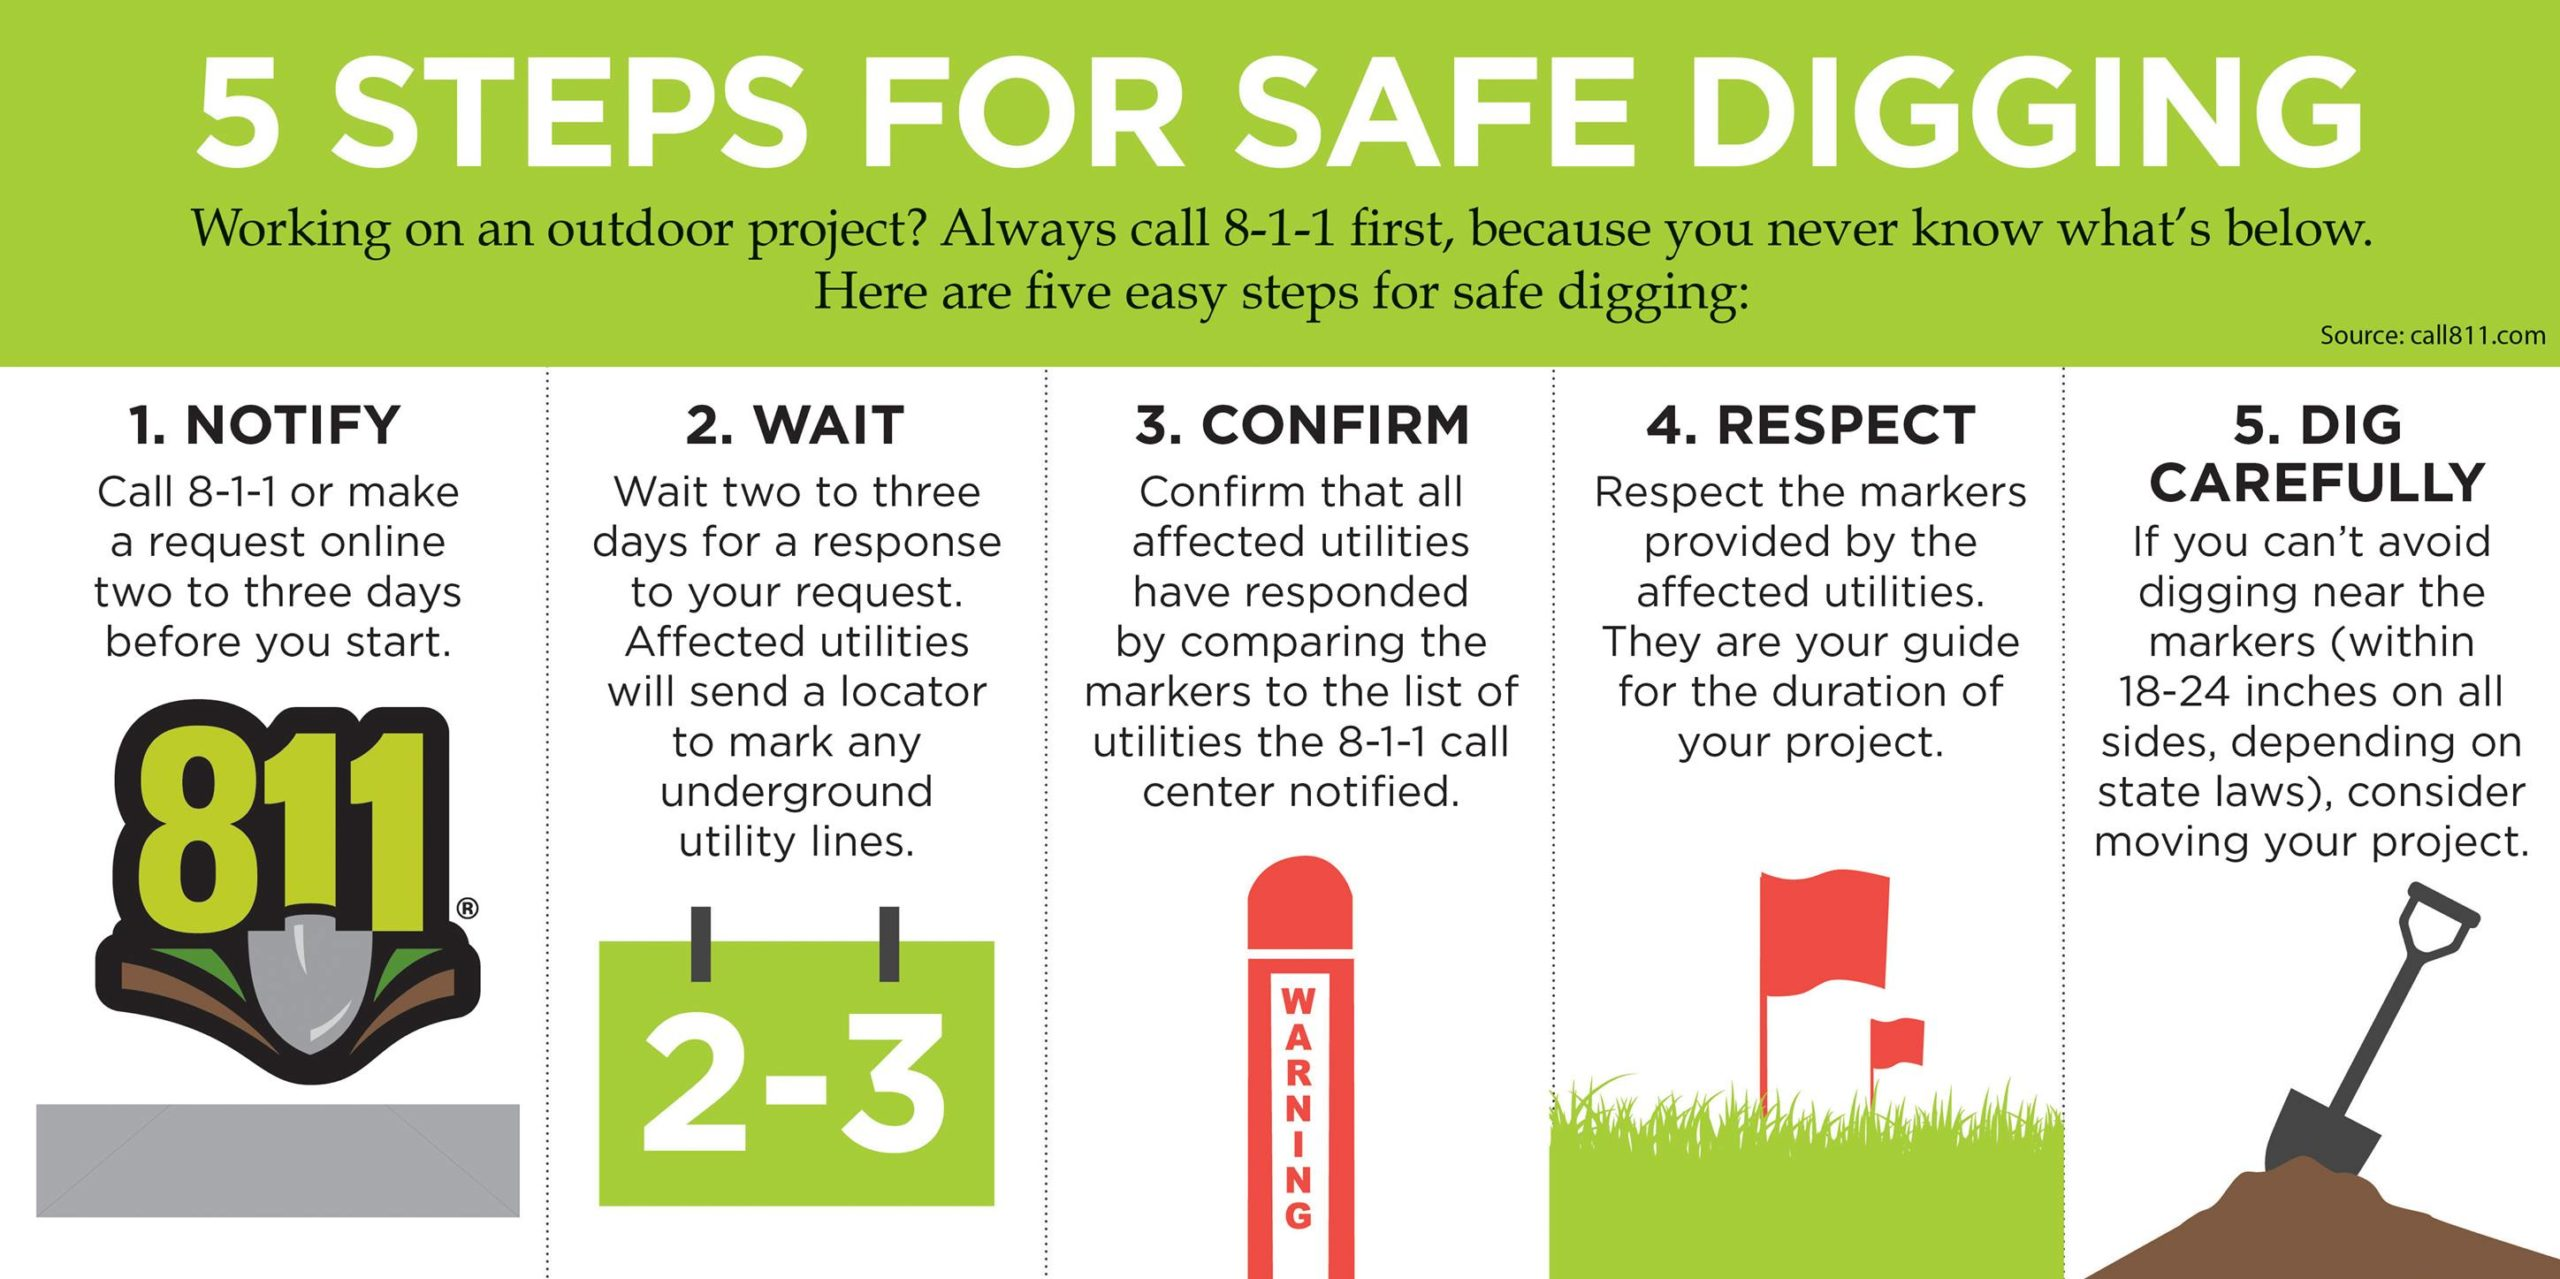 Five Steps for Safe Digging